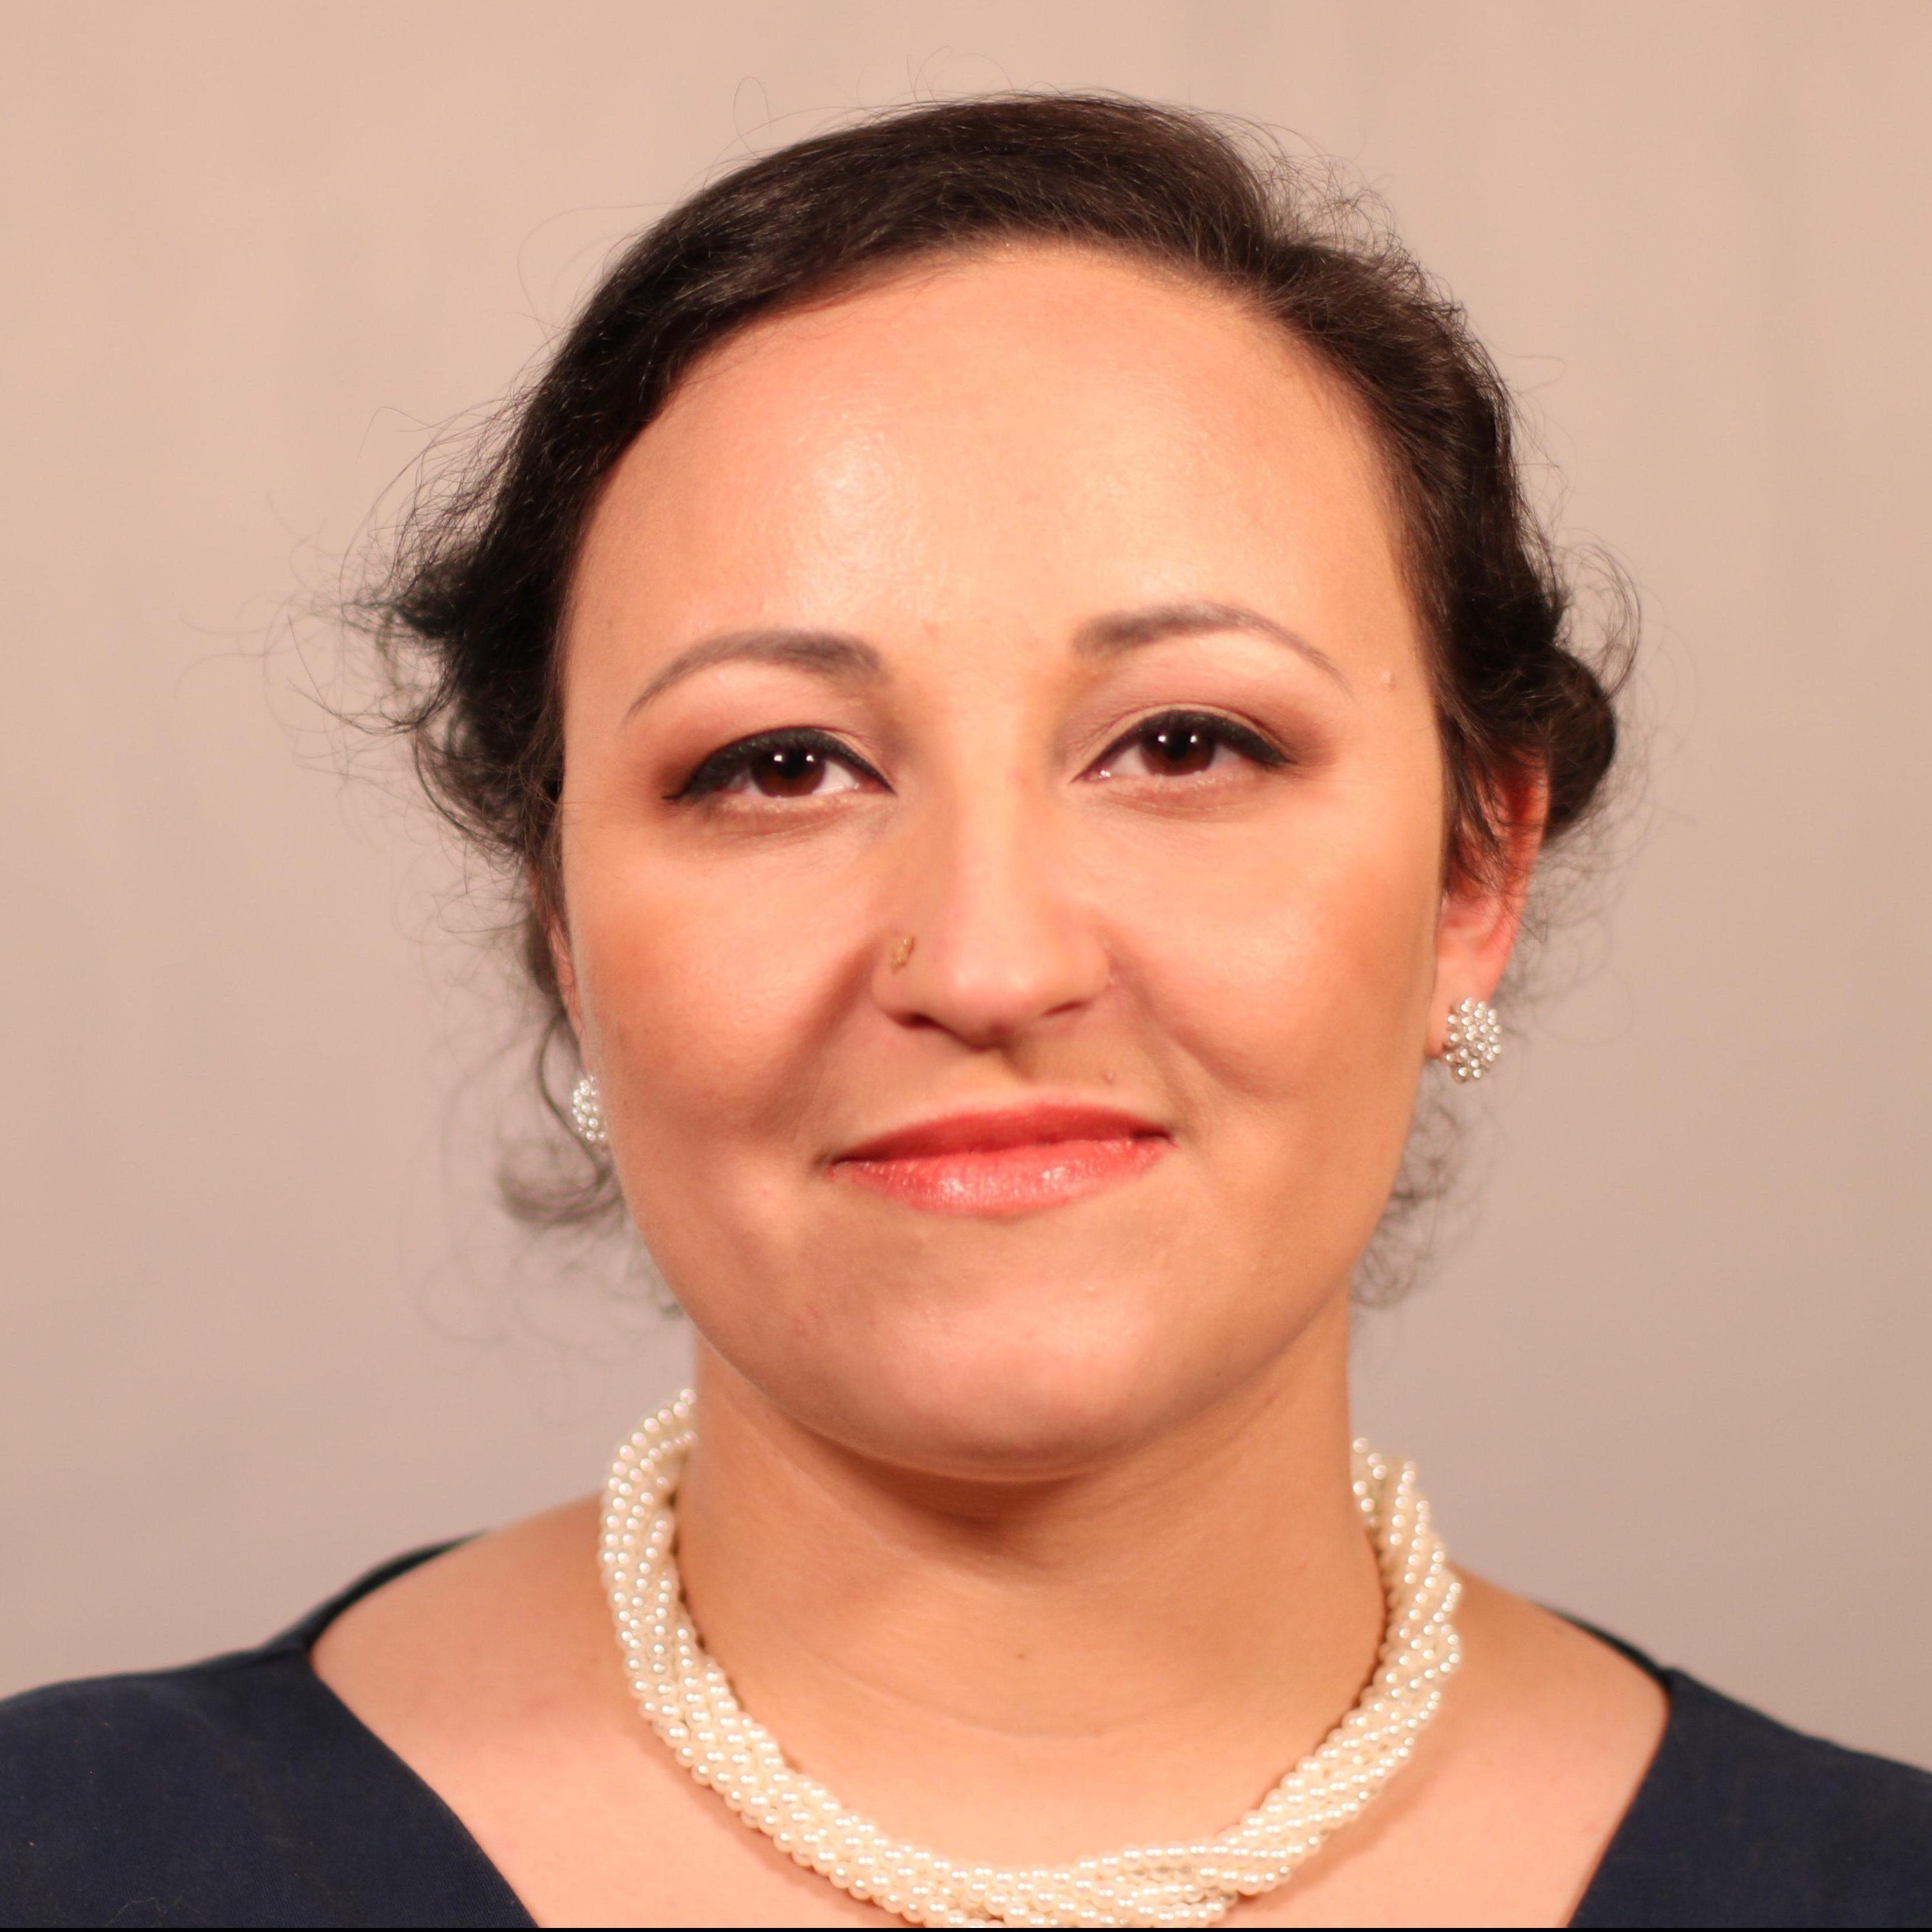 Dr-Sara-Parsi-di-Landrone-Psicologa-a-Oxford-Circus-e1570195251838-circle